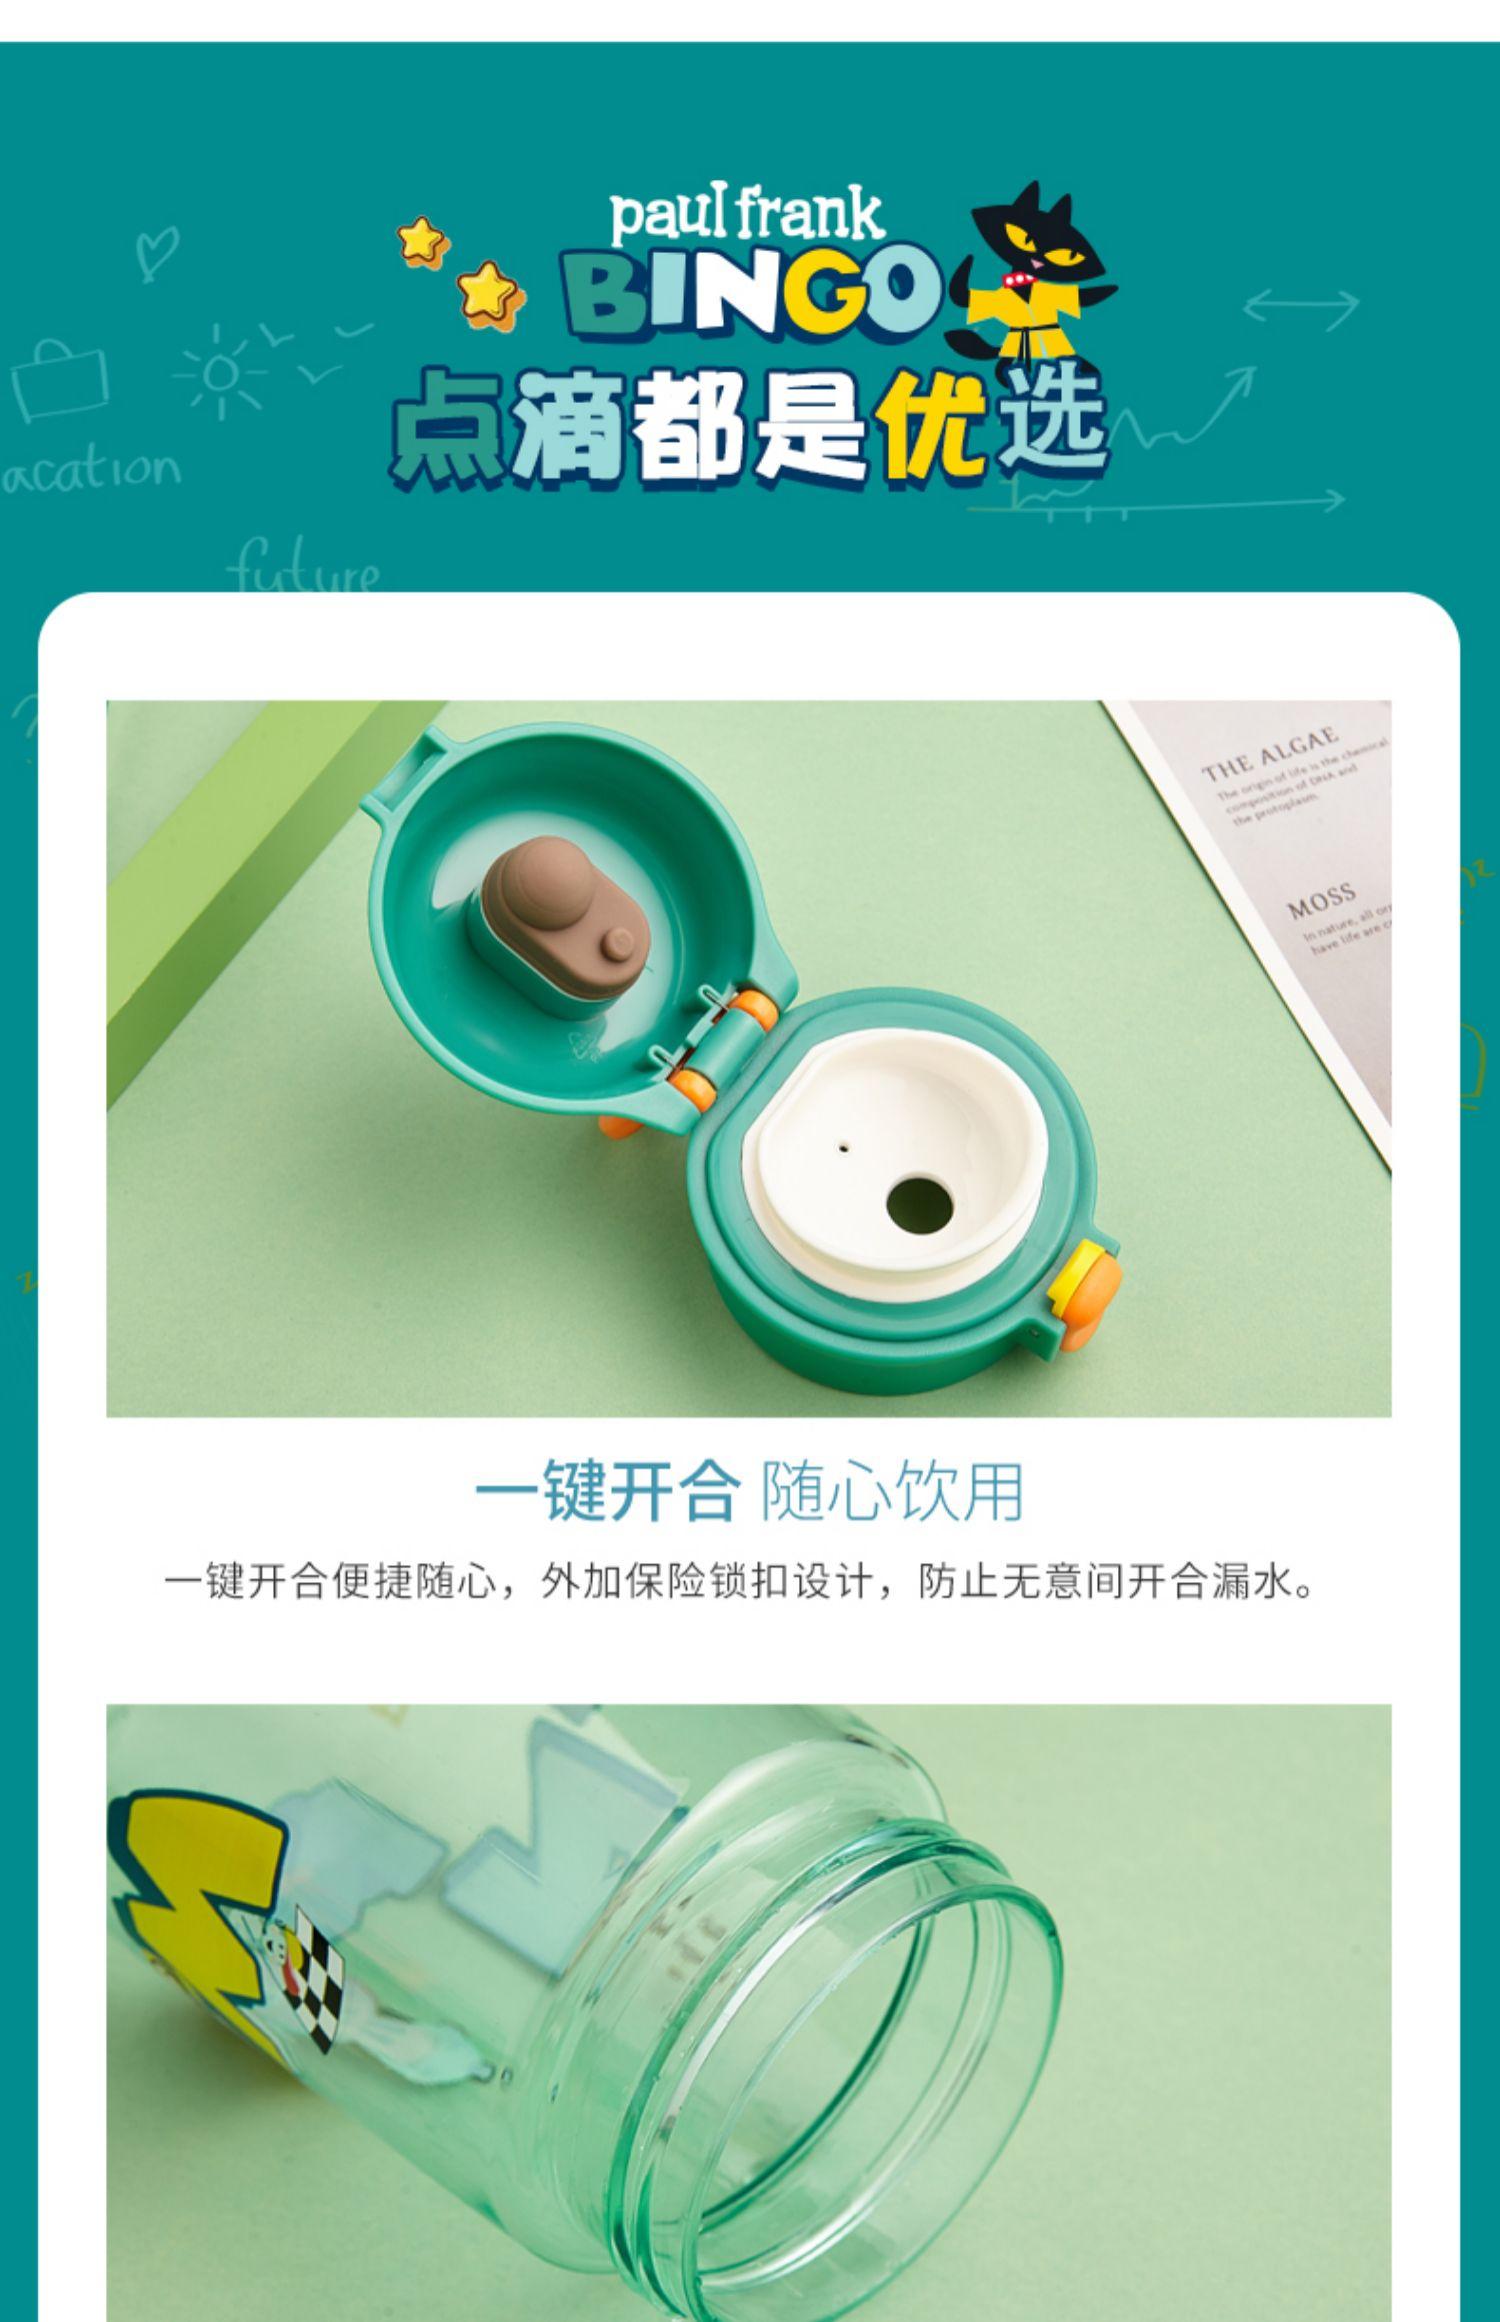 大嘴猴水杯学生可爱可携式塑料运动水壶男女夏天大容量随行杯详细照片